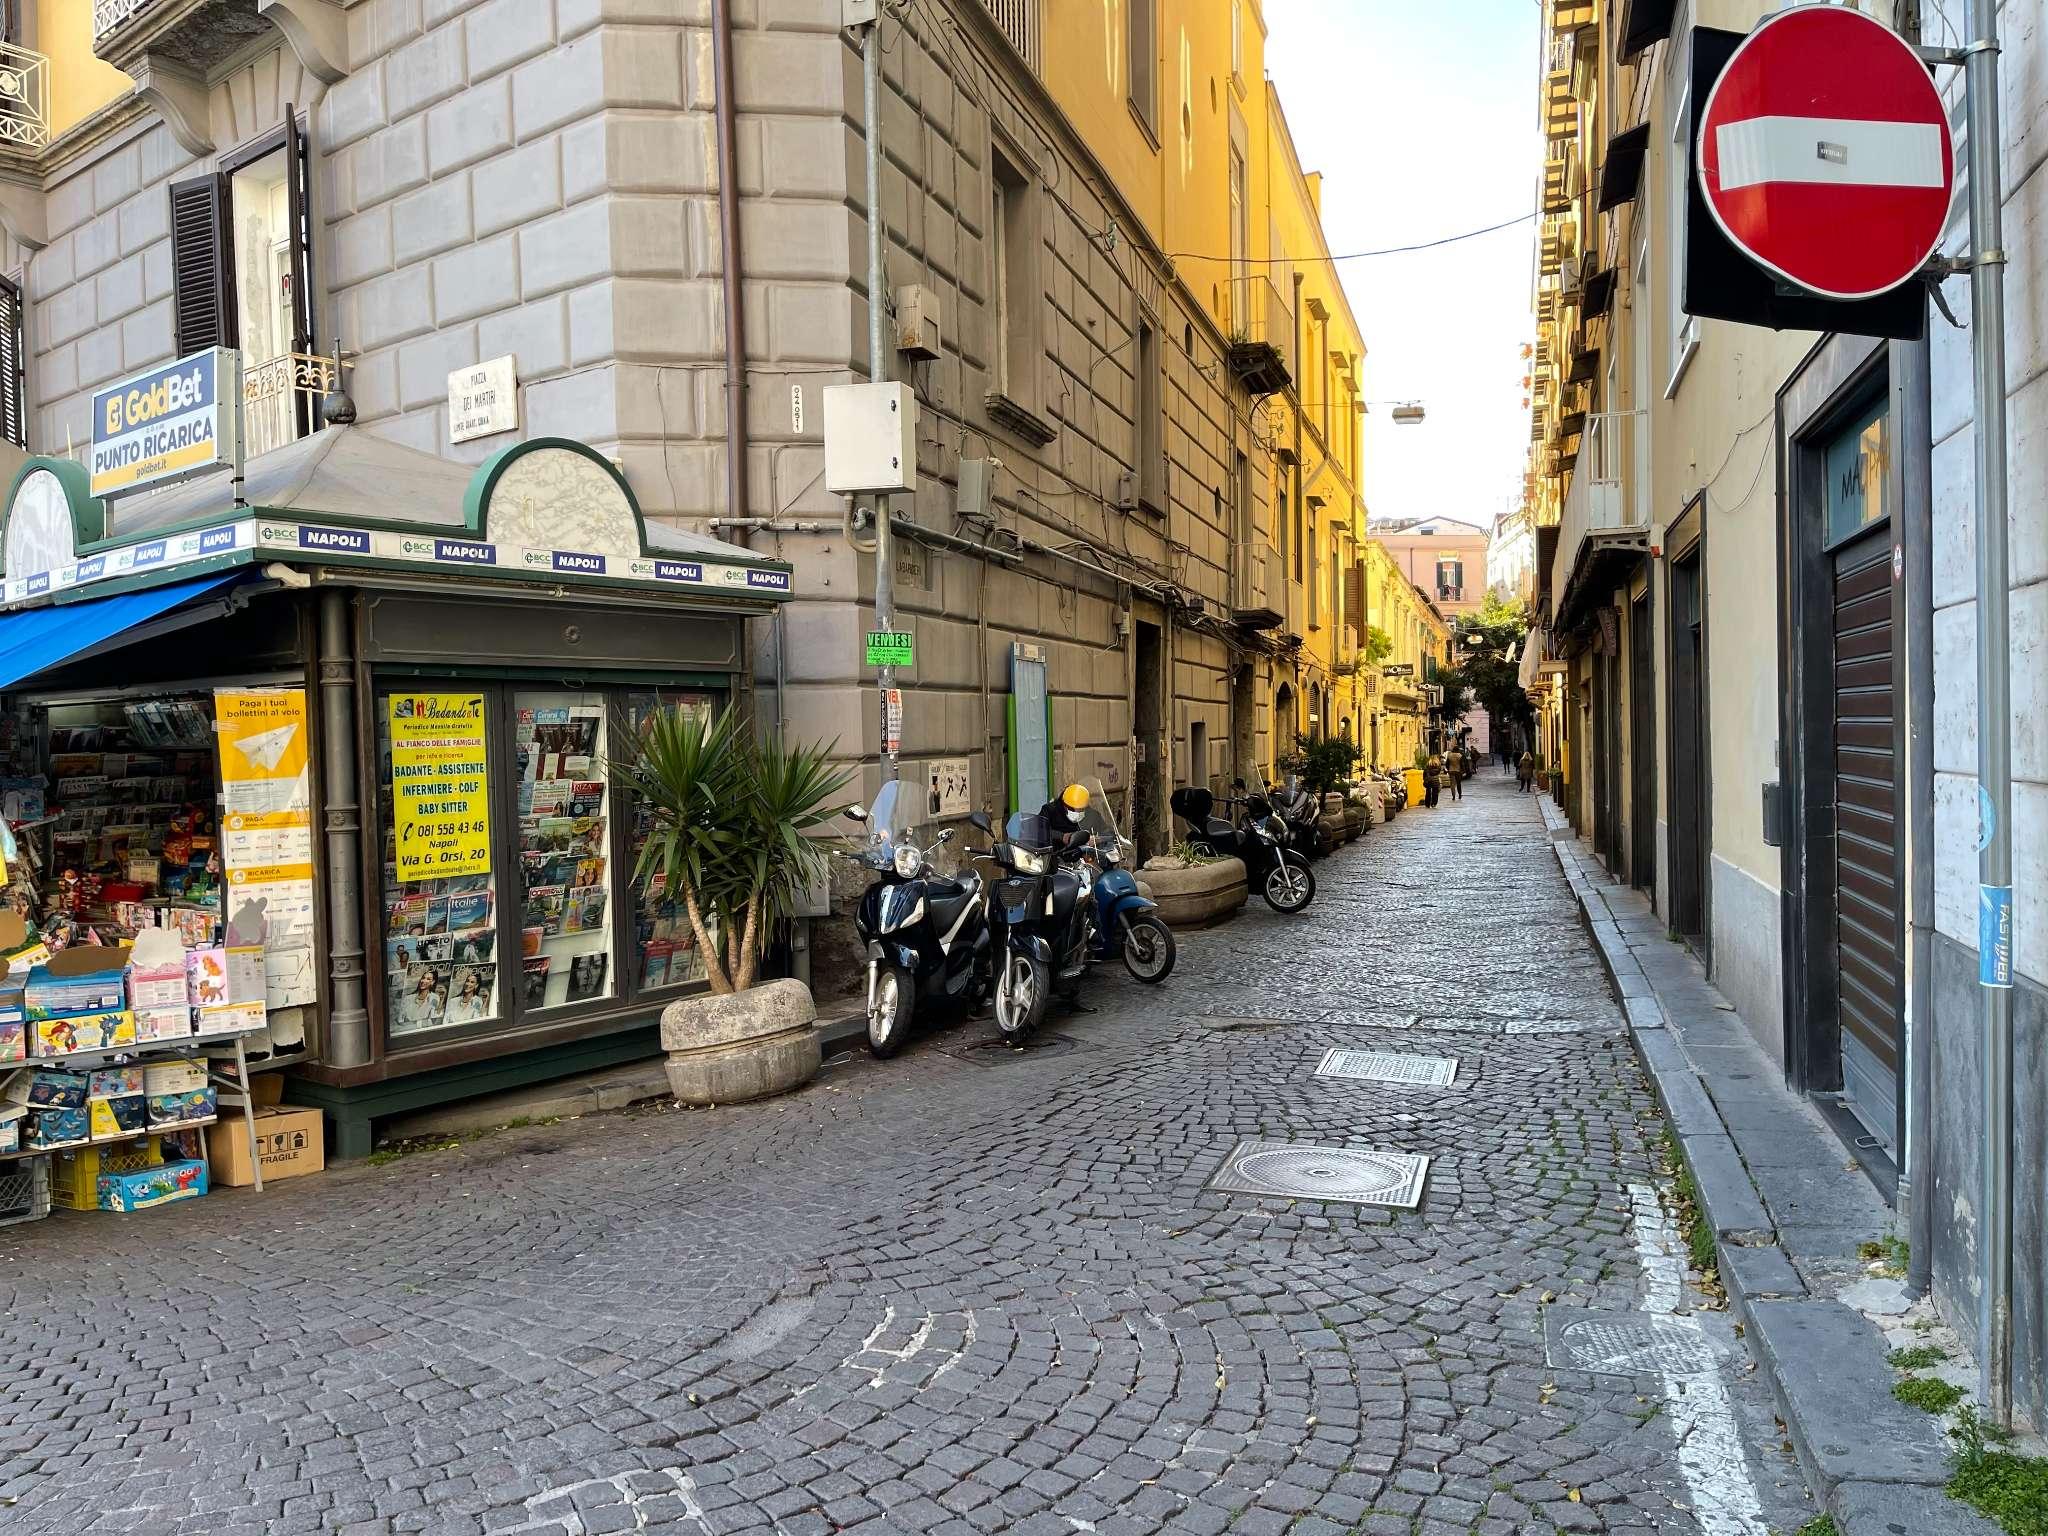 Ufficio / Studio in affitto a Napoli, 2 locali, zona Zona: 1 . Chiaia, Posillipo, San Ferdinando, prezzo € 1.200 | CambioCasa.it